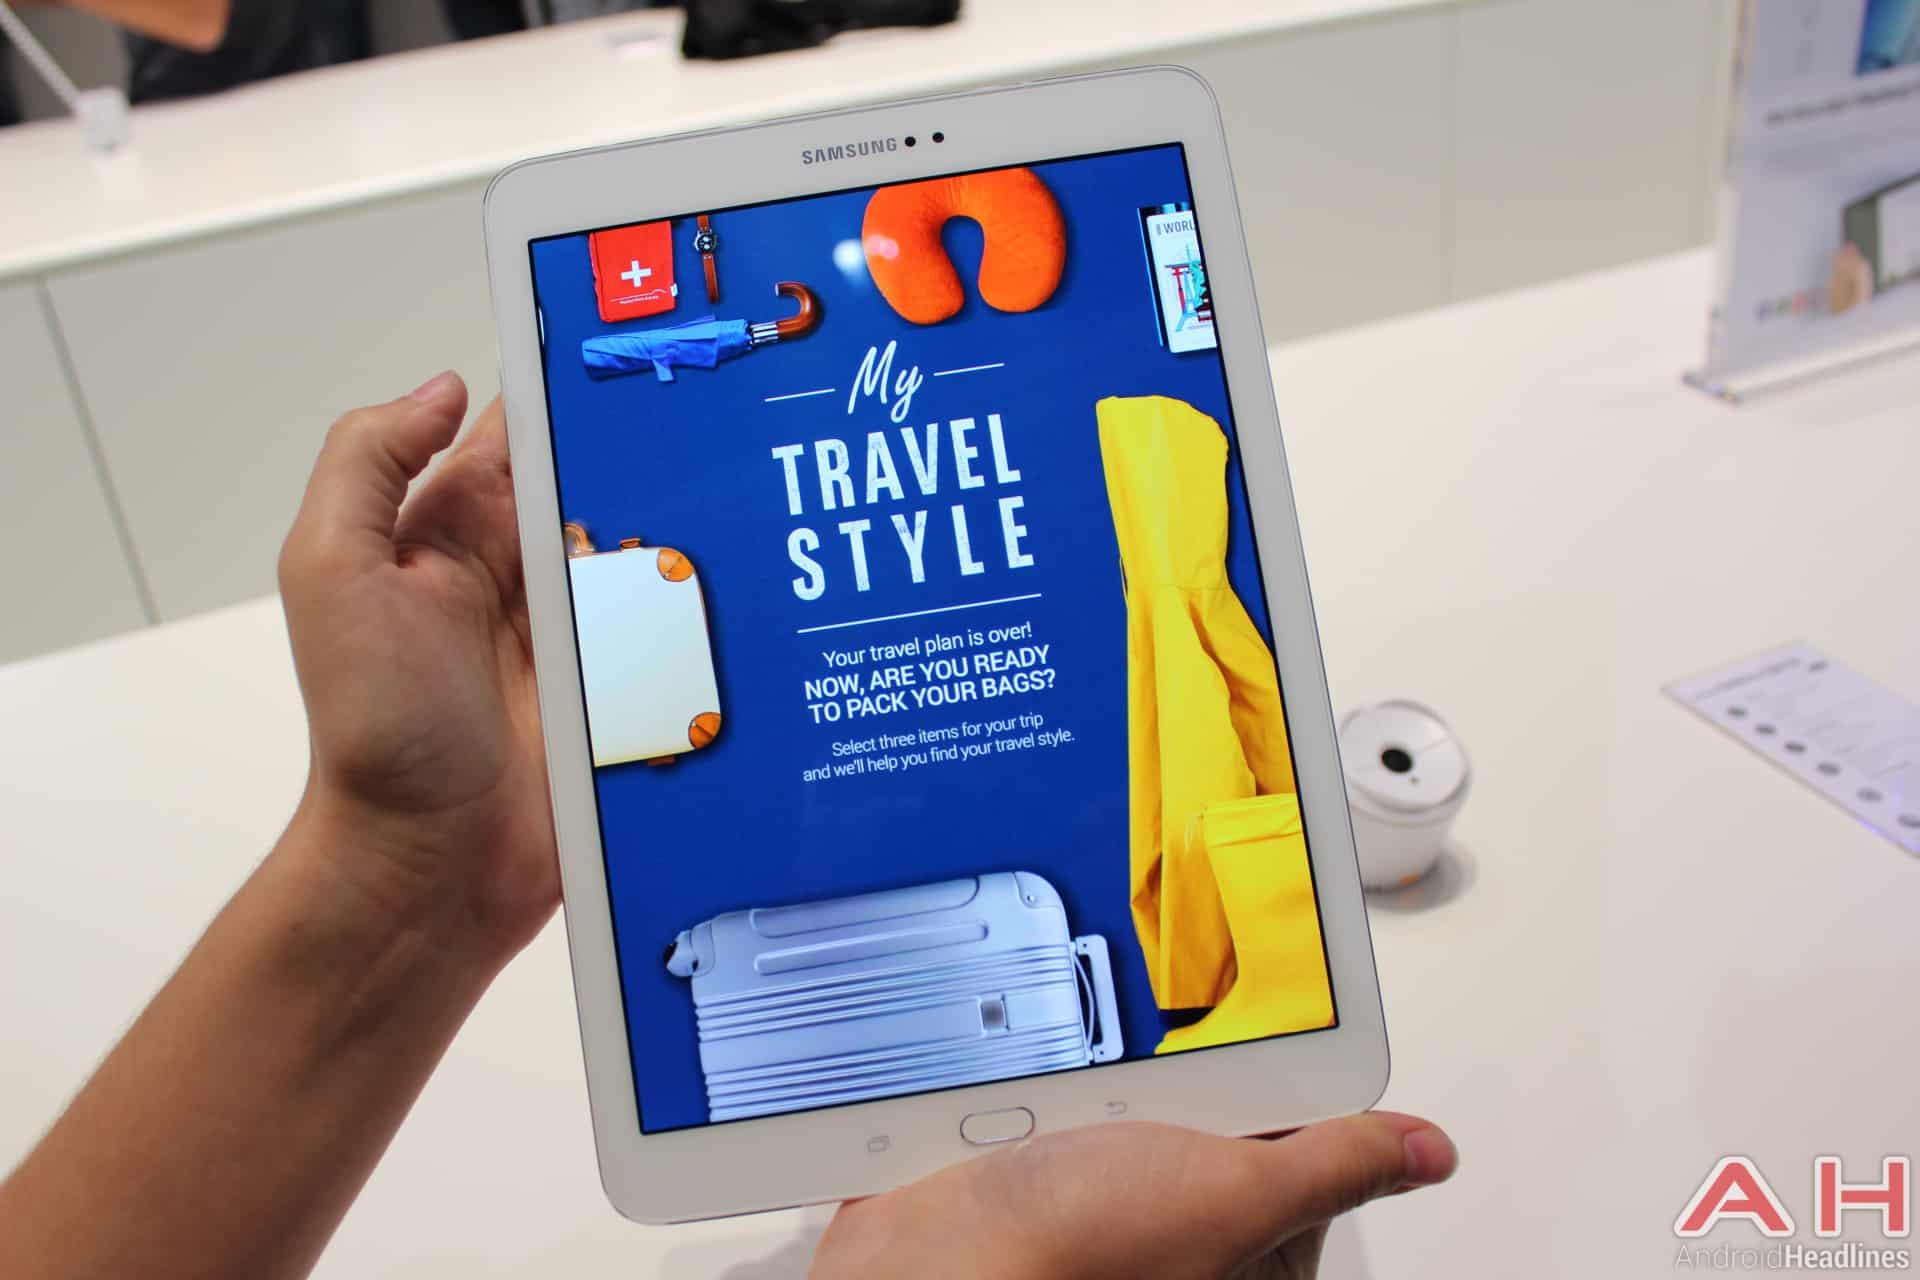 Galaxy Tab S2 IFA AH 20